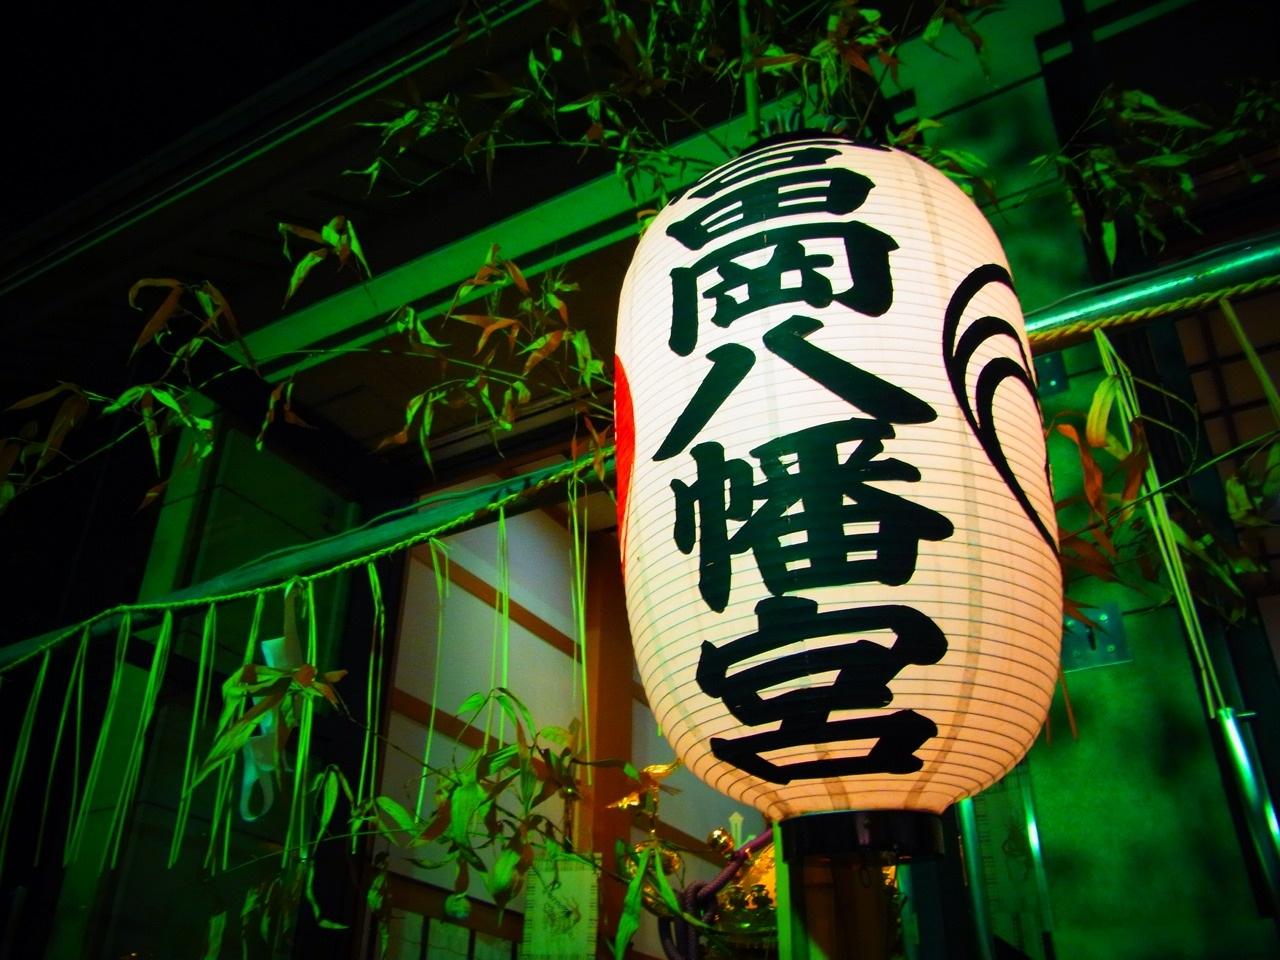 富岡八幡宮 Leave a Comment 昨日、東京の深川・富岡八幡宮の奉納祭にて神様に捧げる